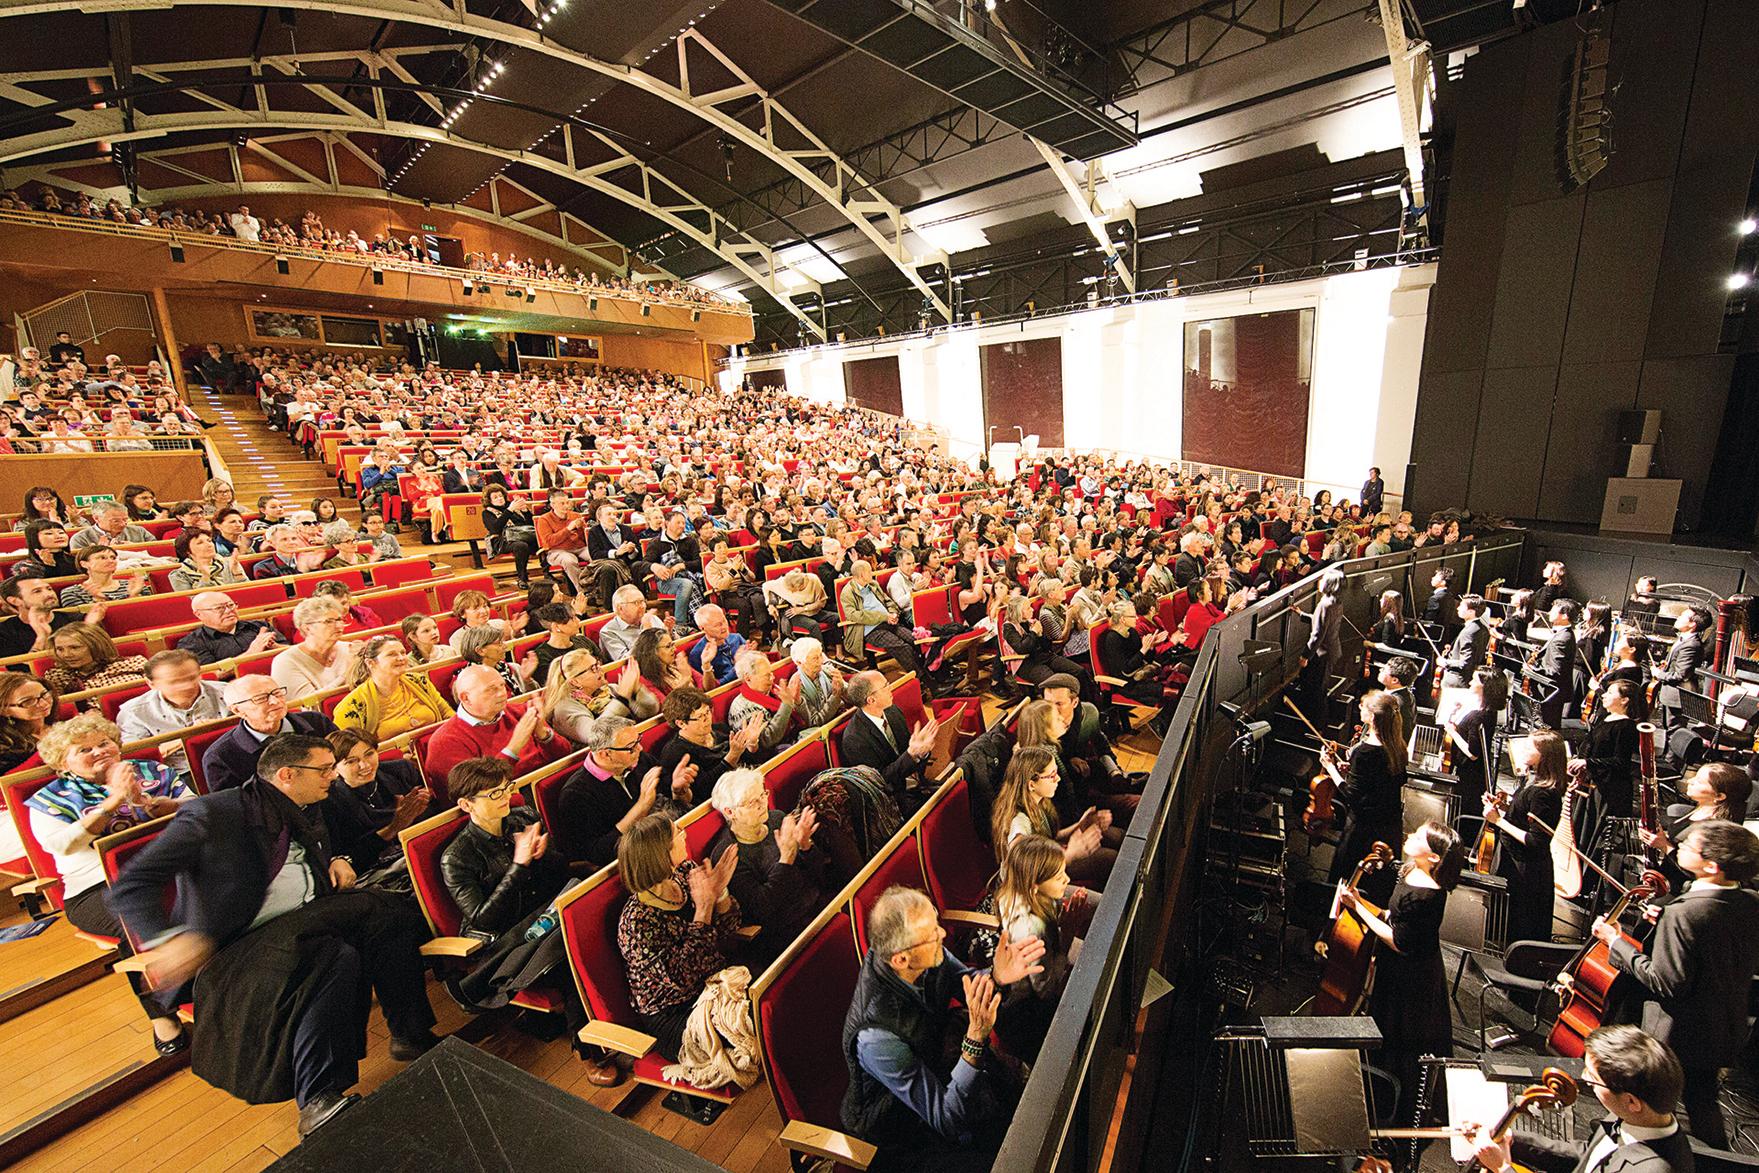 神韻國際藝術團在日內瓦BFM 劇院的最後一場演出一票難求。(吳青松/大紀元)